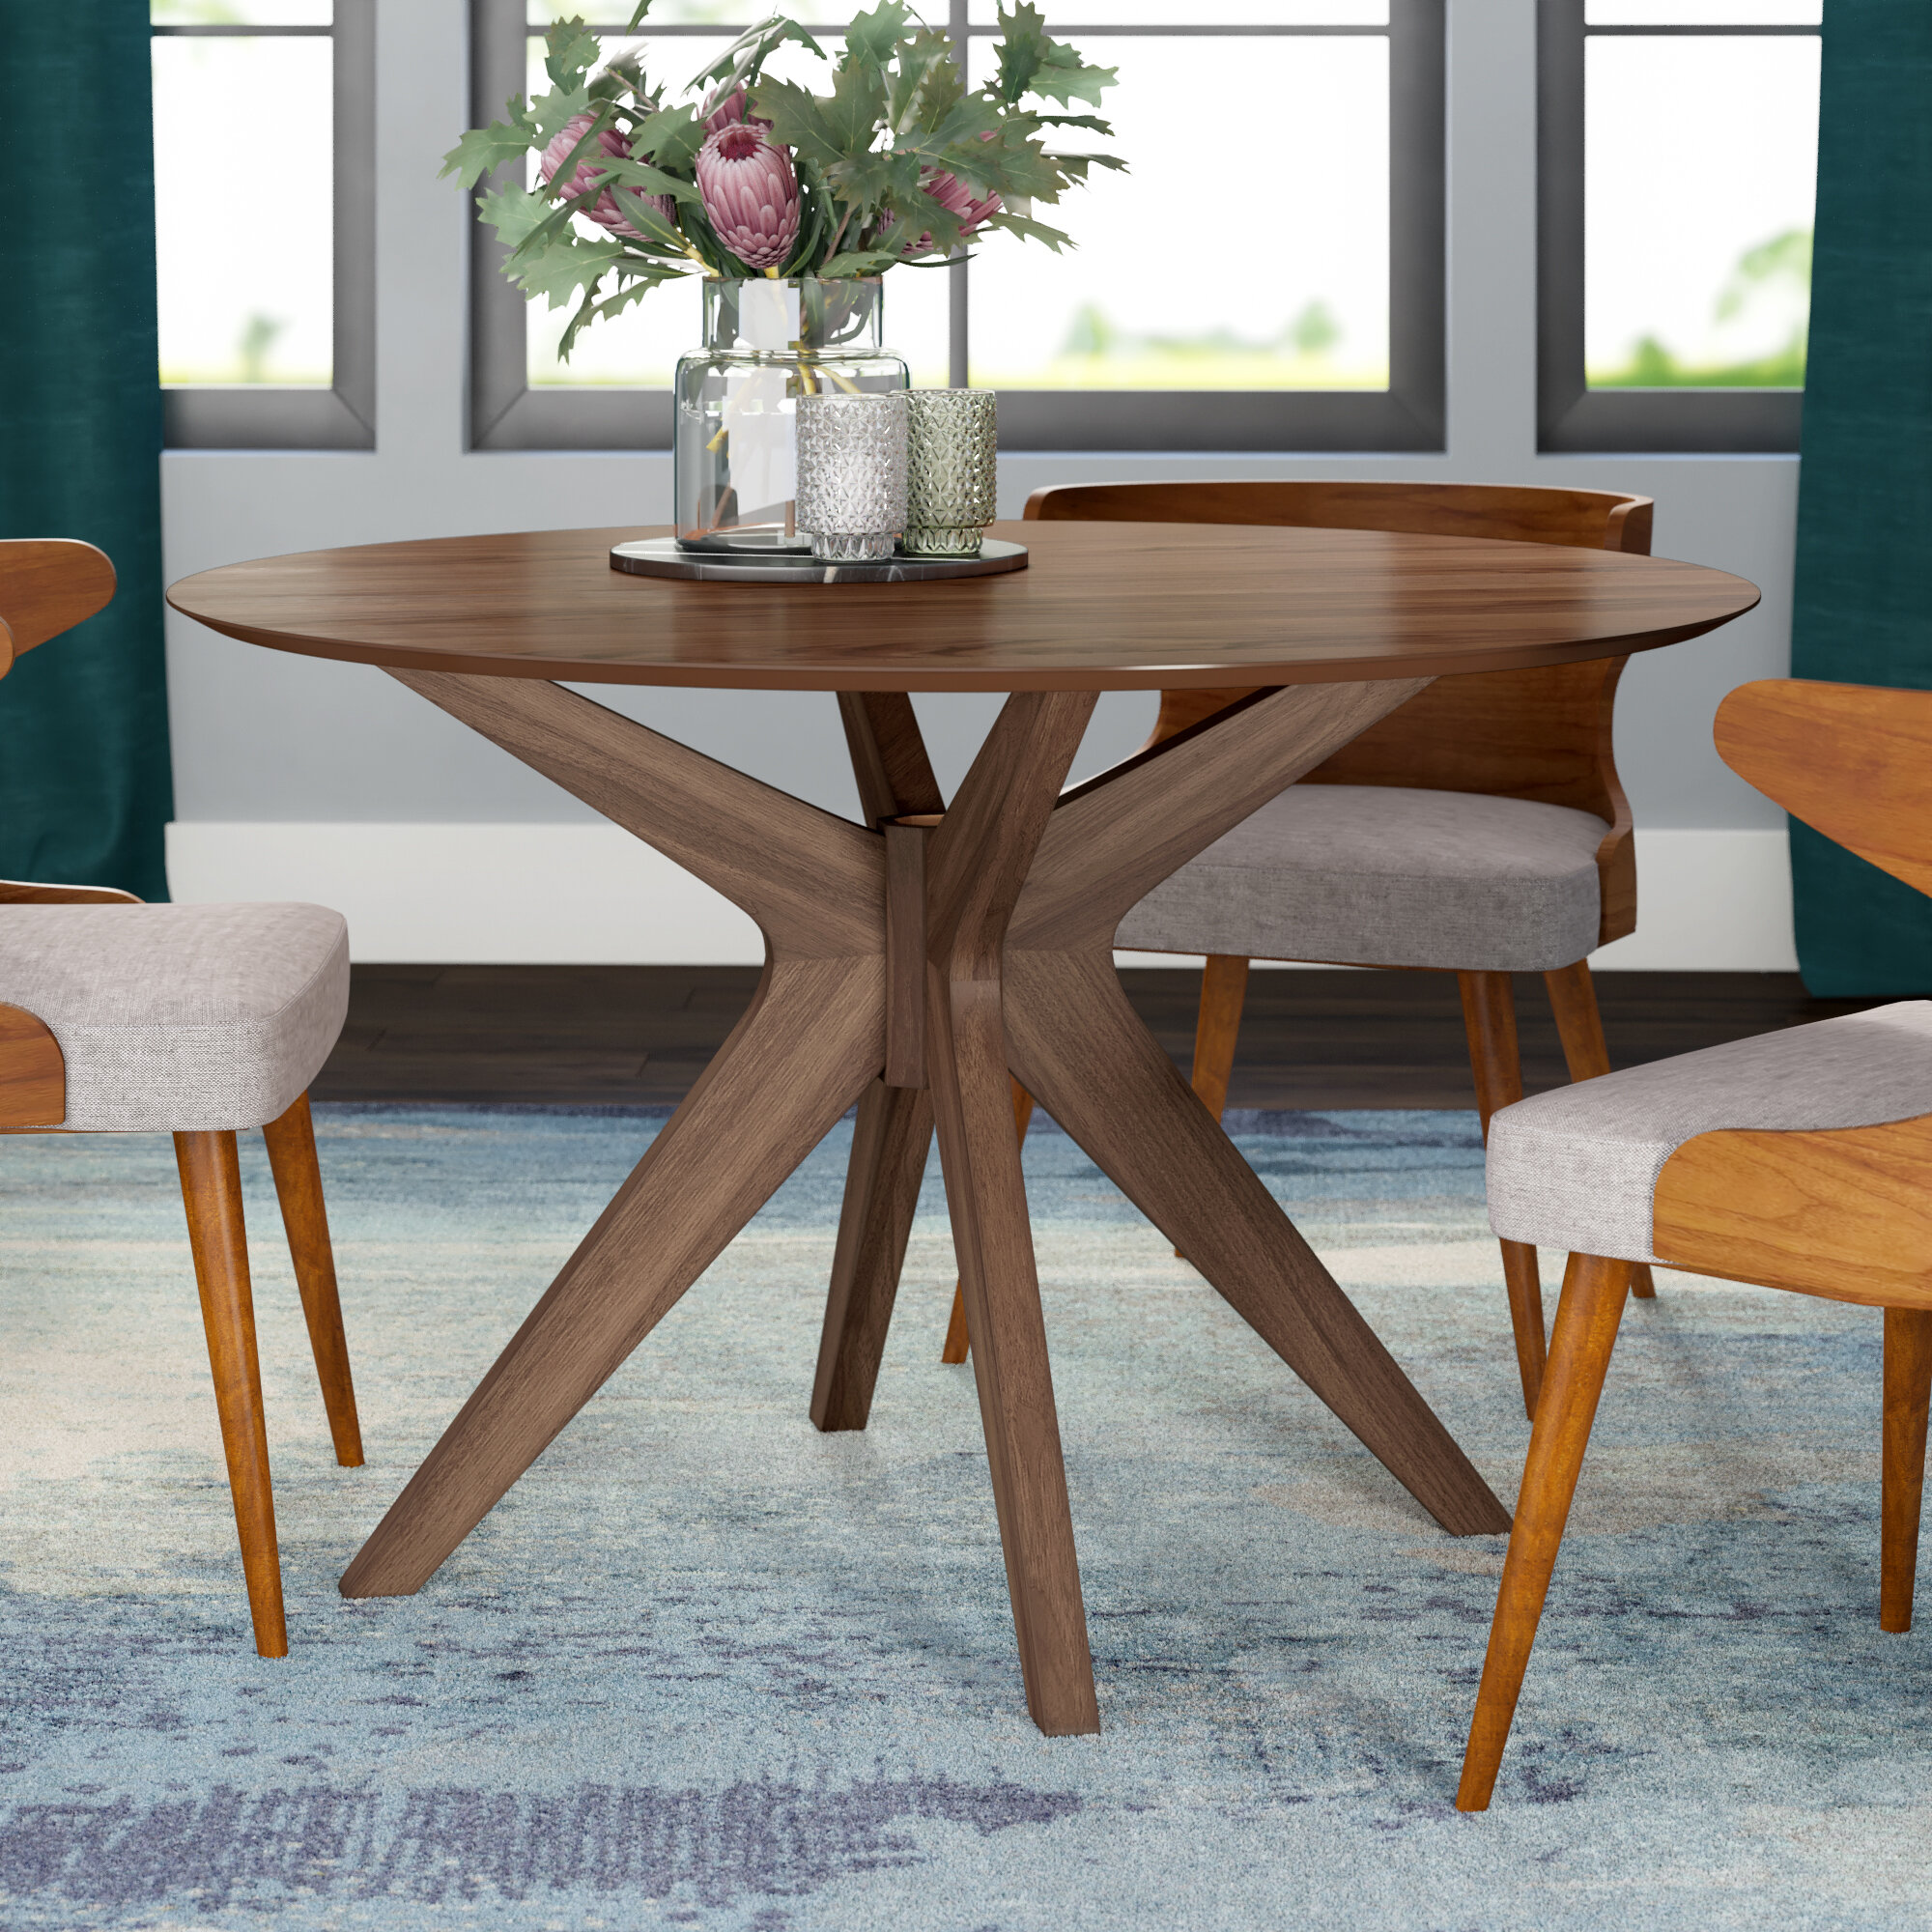 Ivy Bronx Kohut 47 Pedestal Dining Table Reviews Wayfair